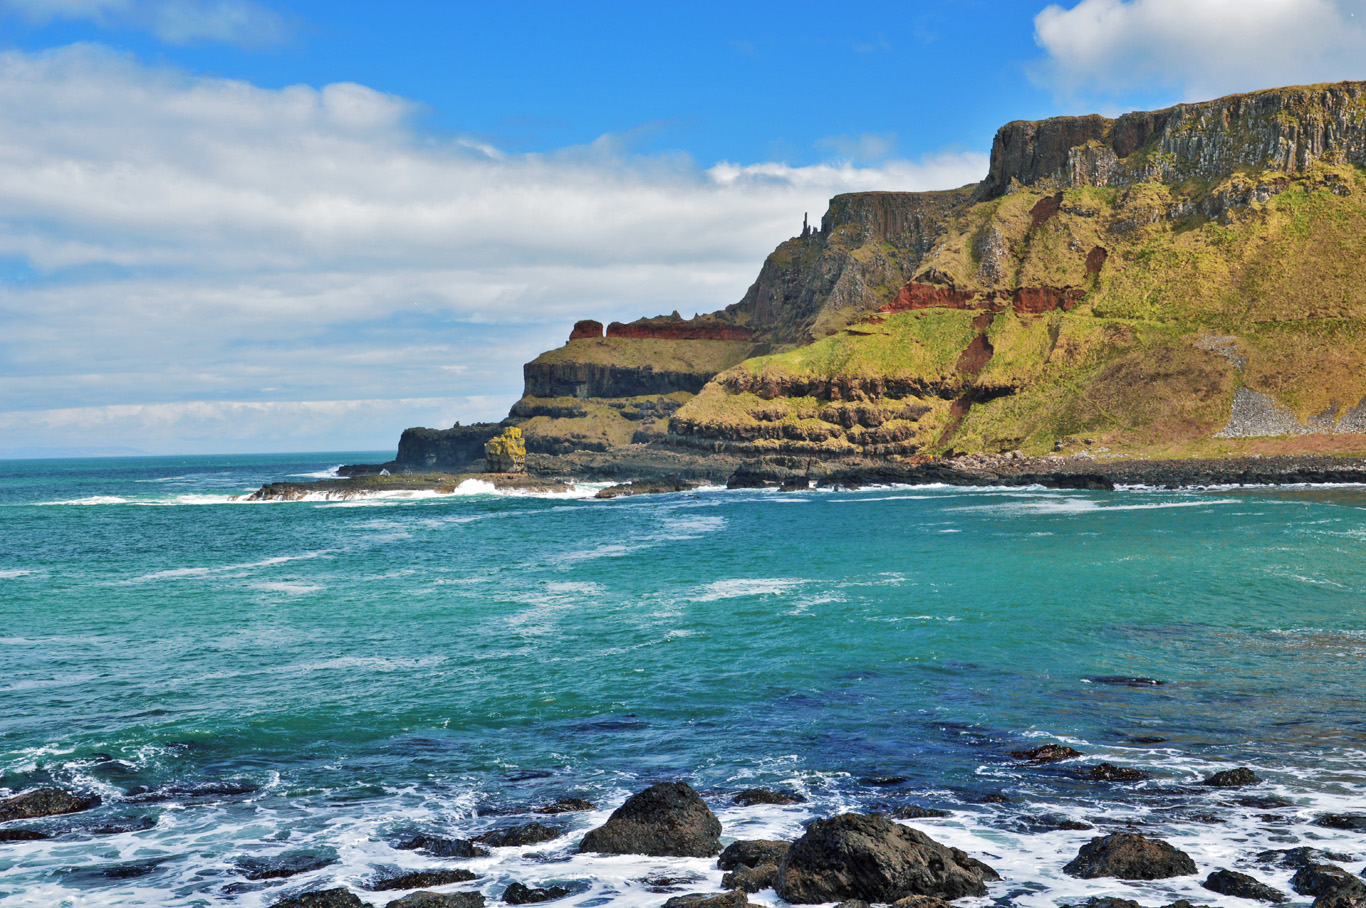 The cliffs around